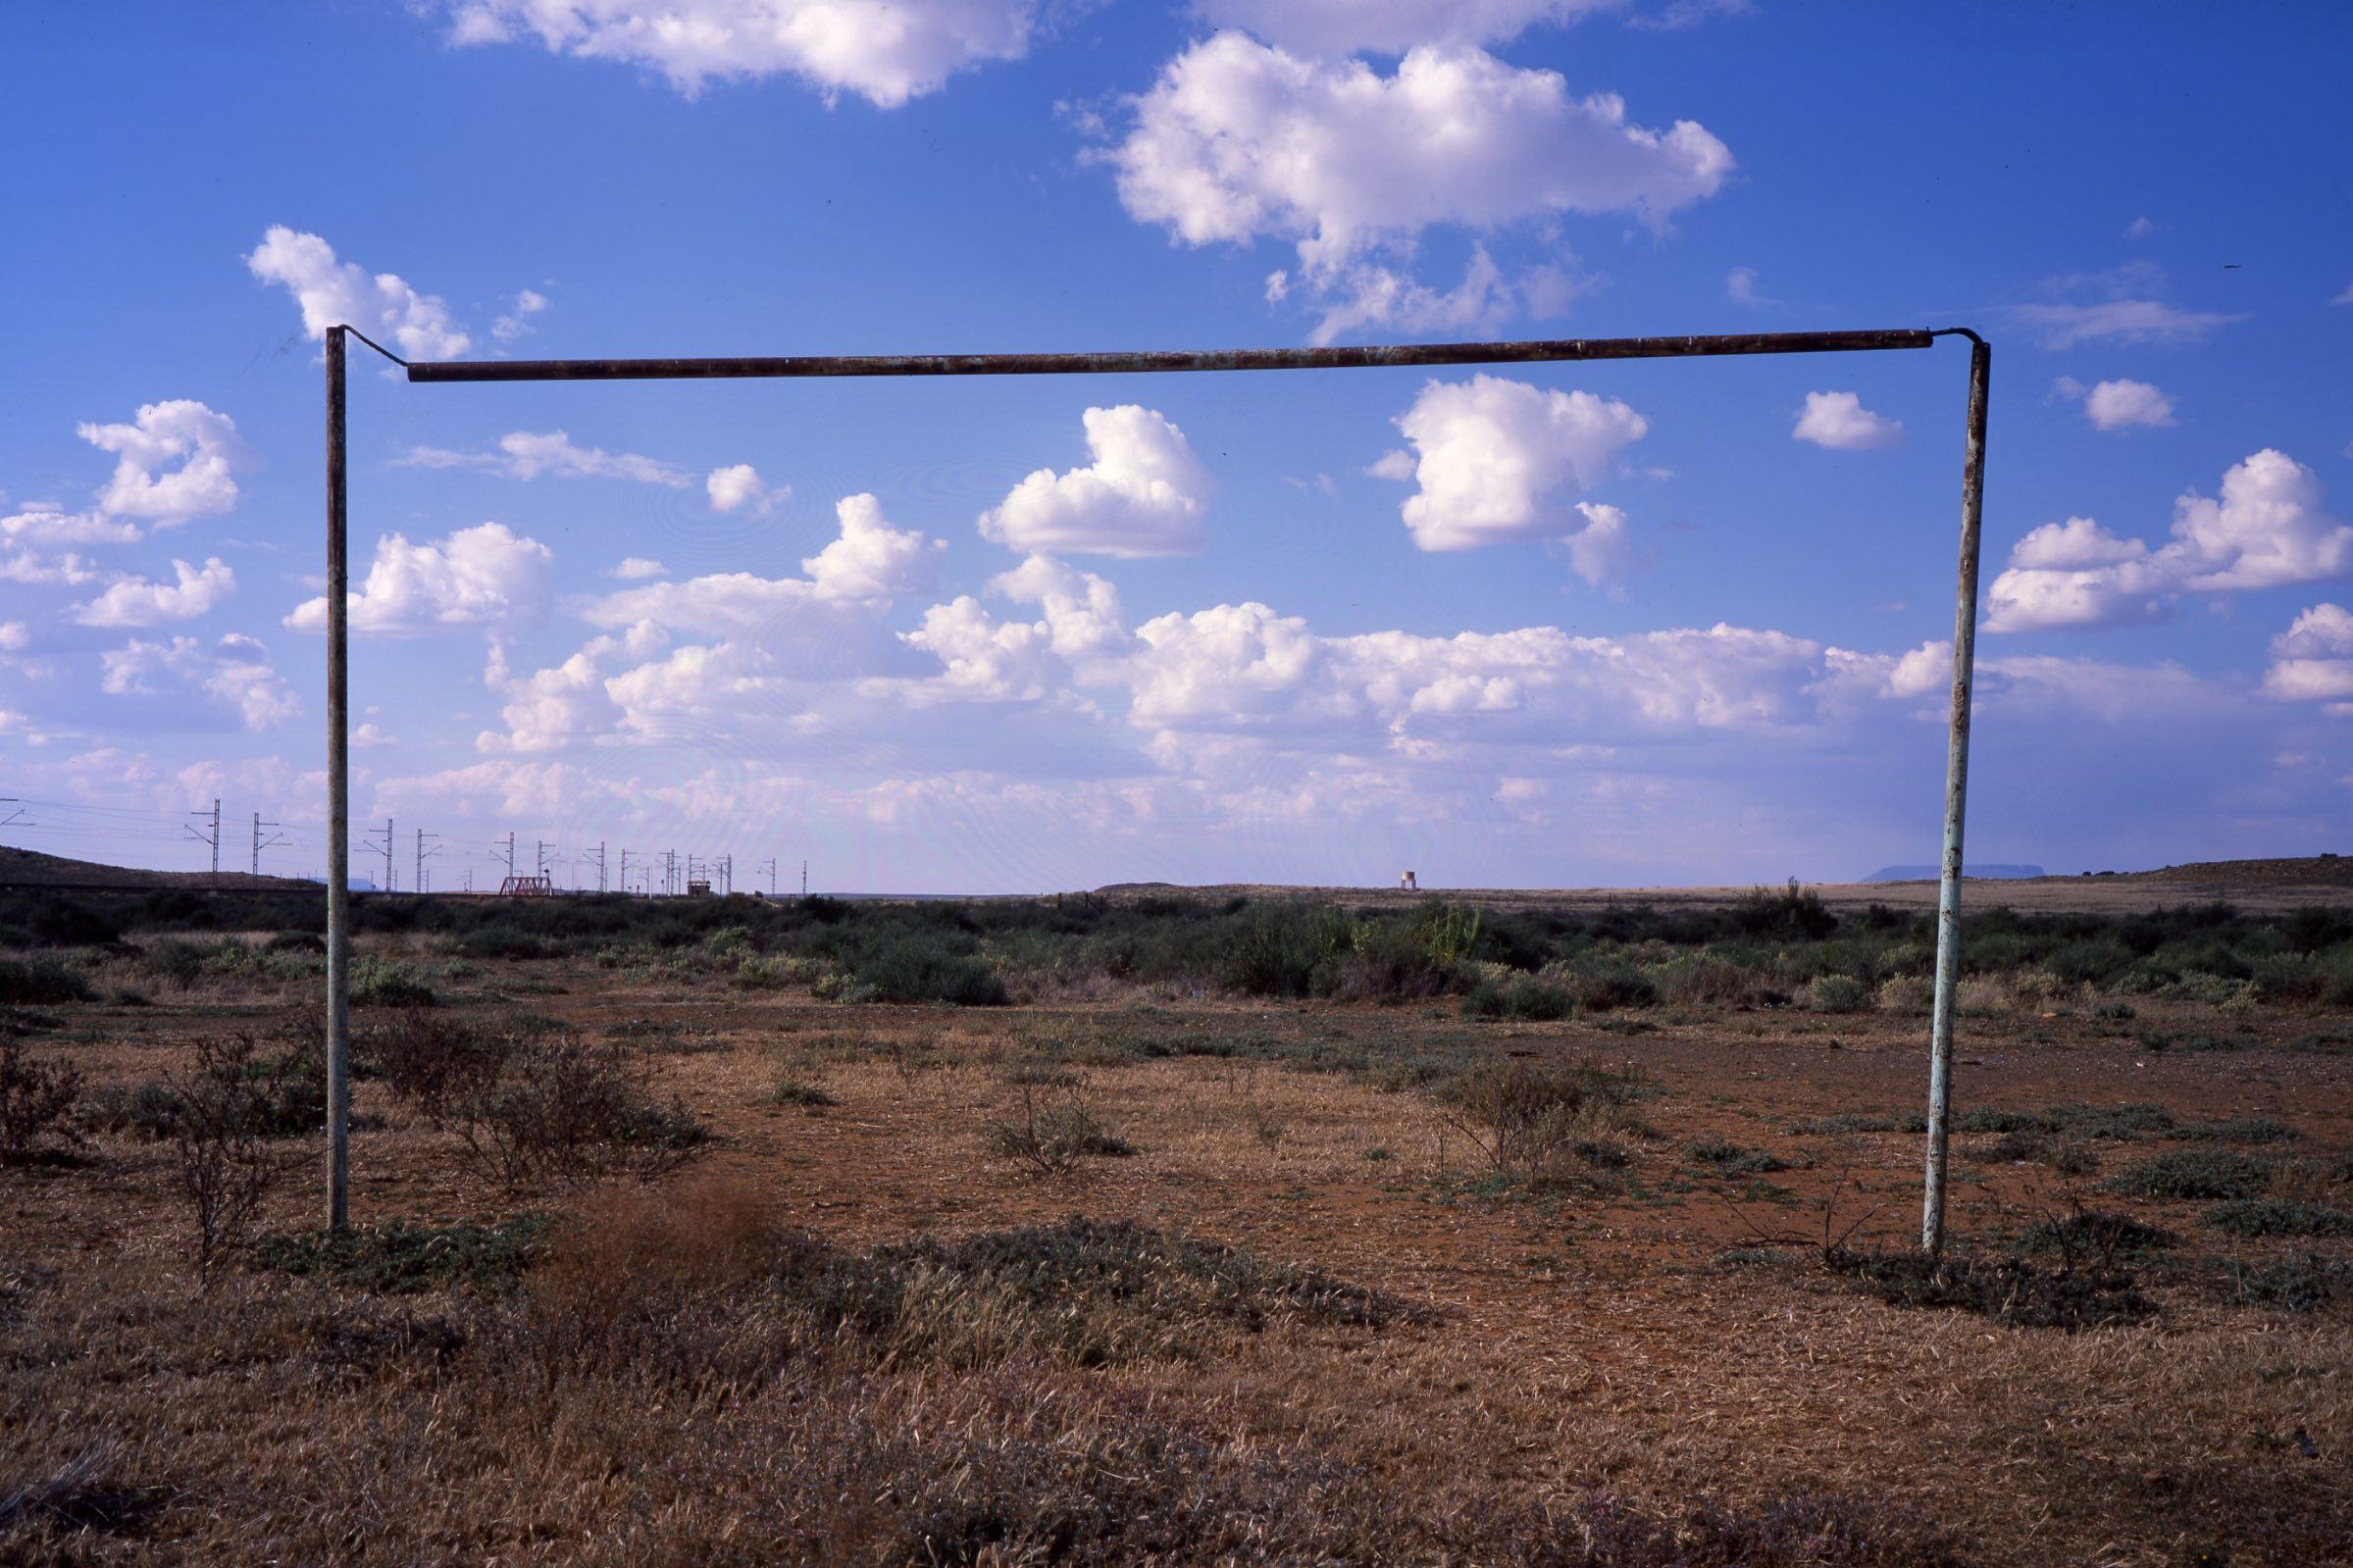 Merriman Karoo, South Africa